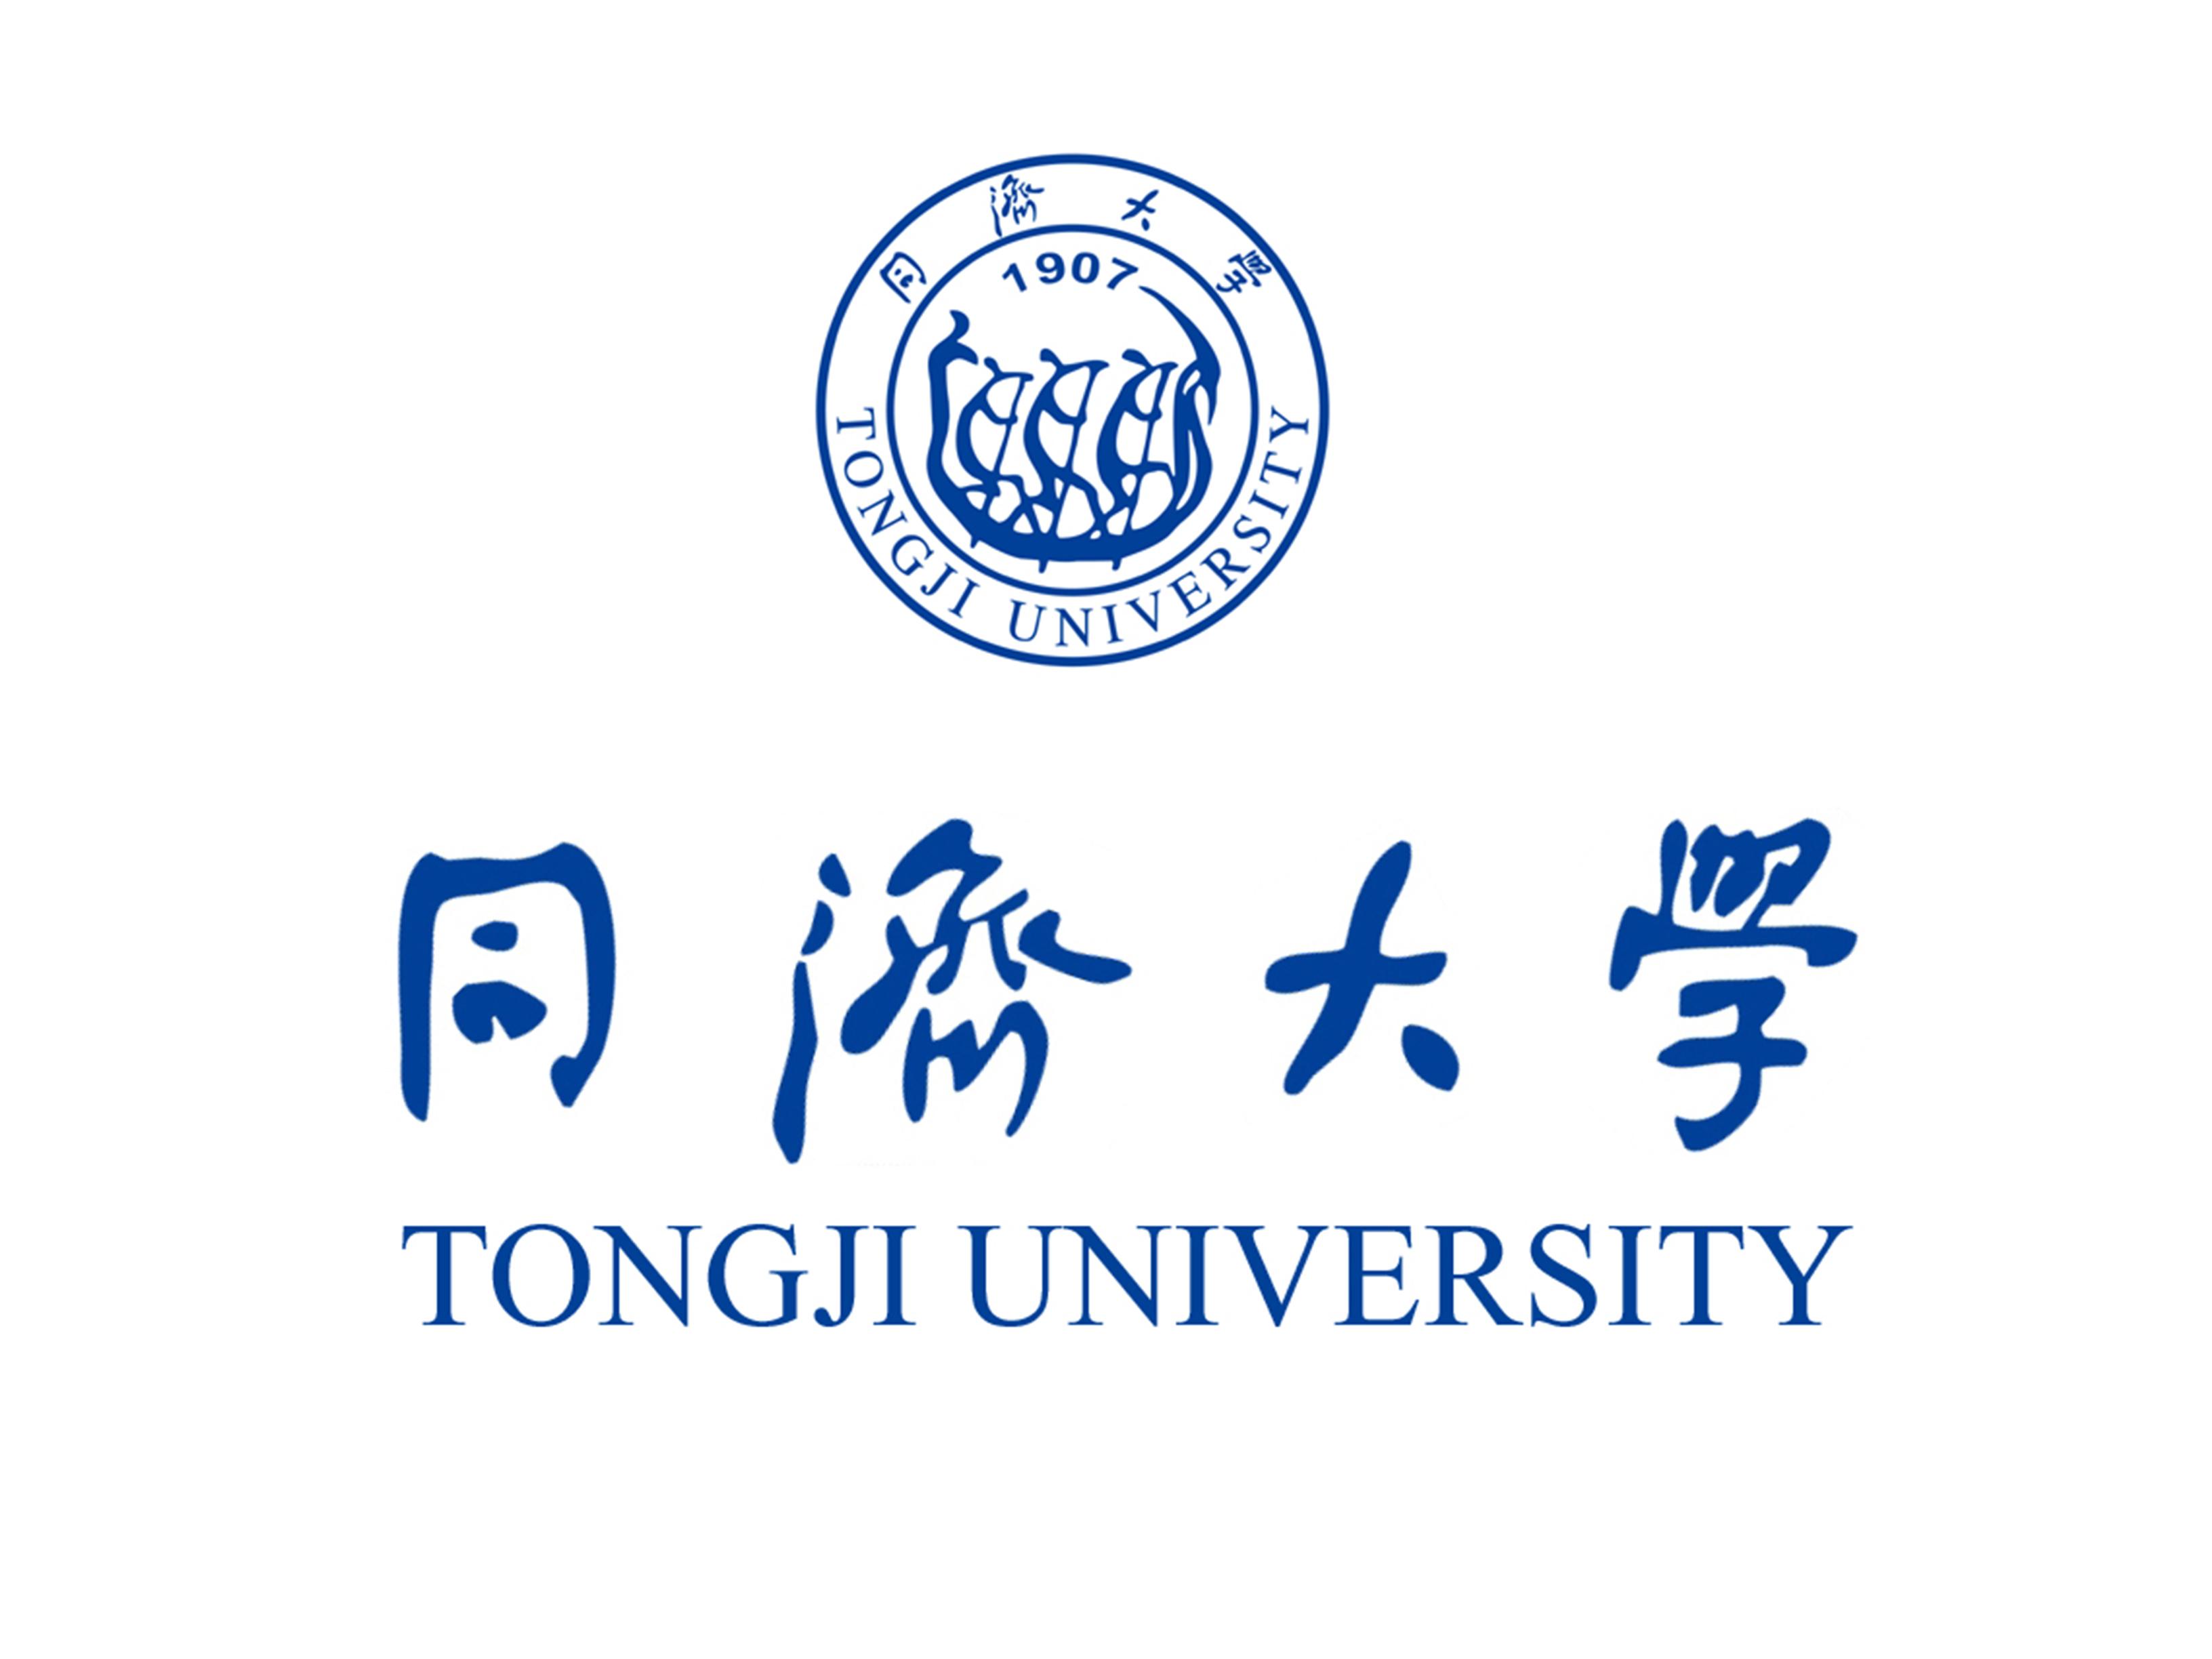 tongji_university